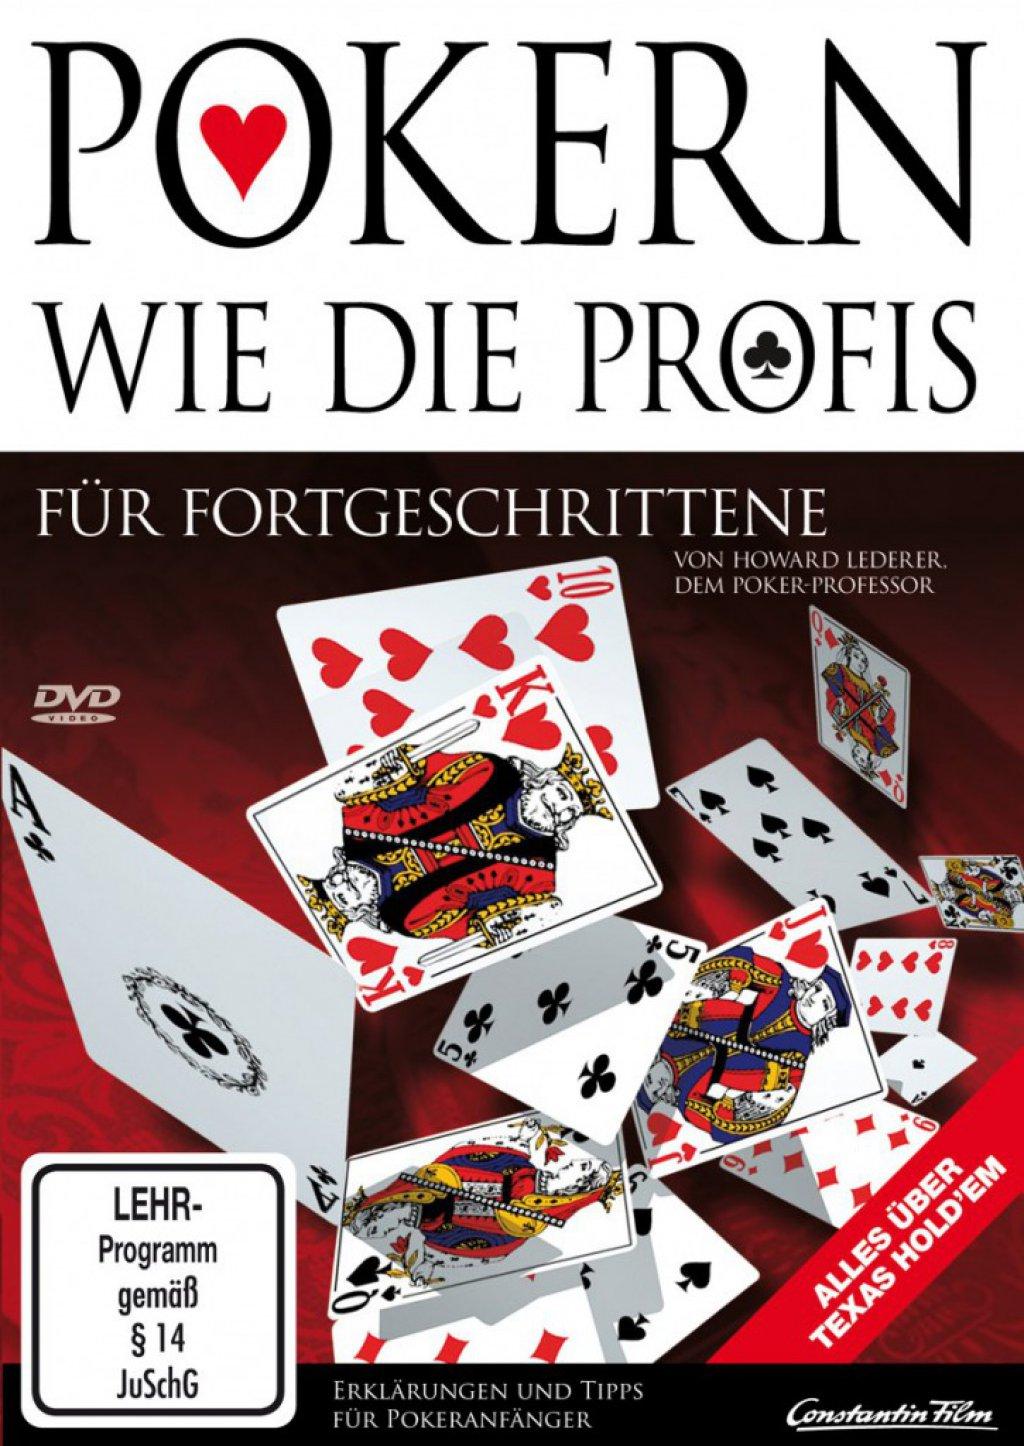 Pokern wie die Profis - Für Fortgeschrittene (DVD)